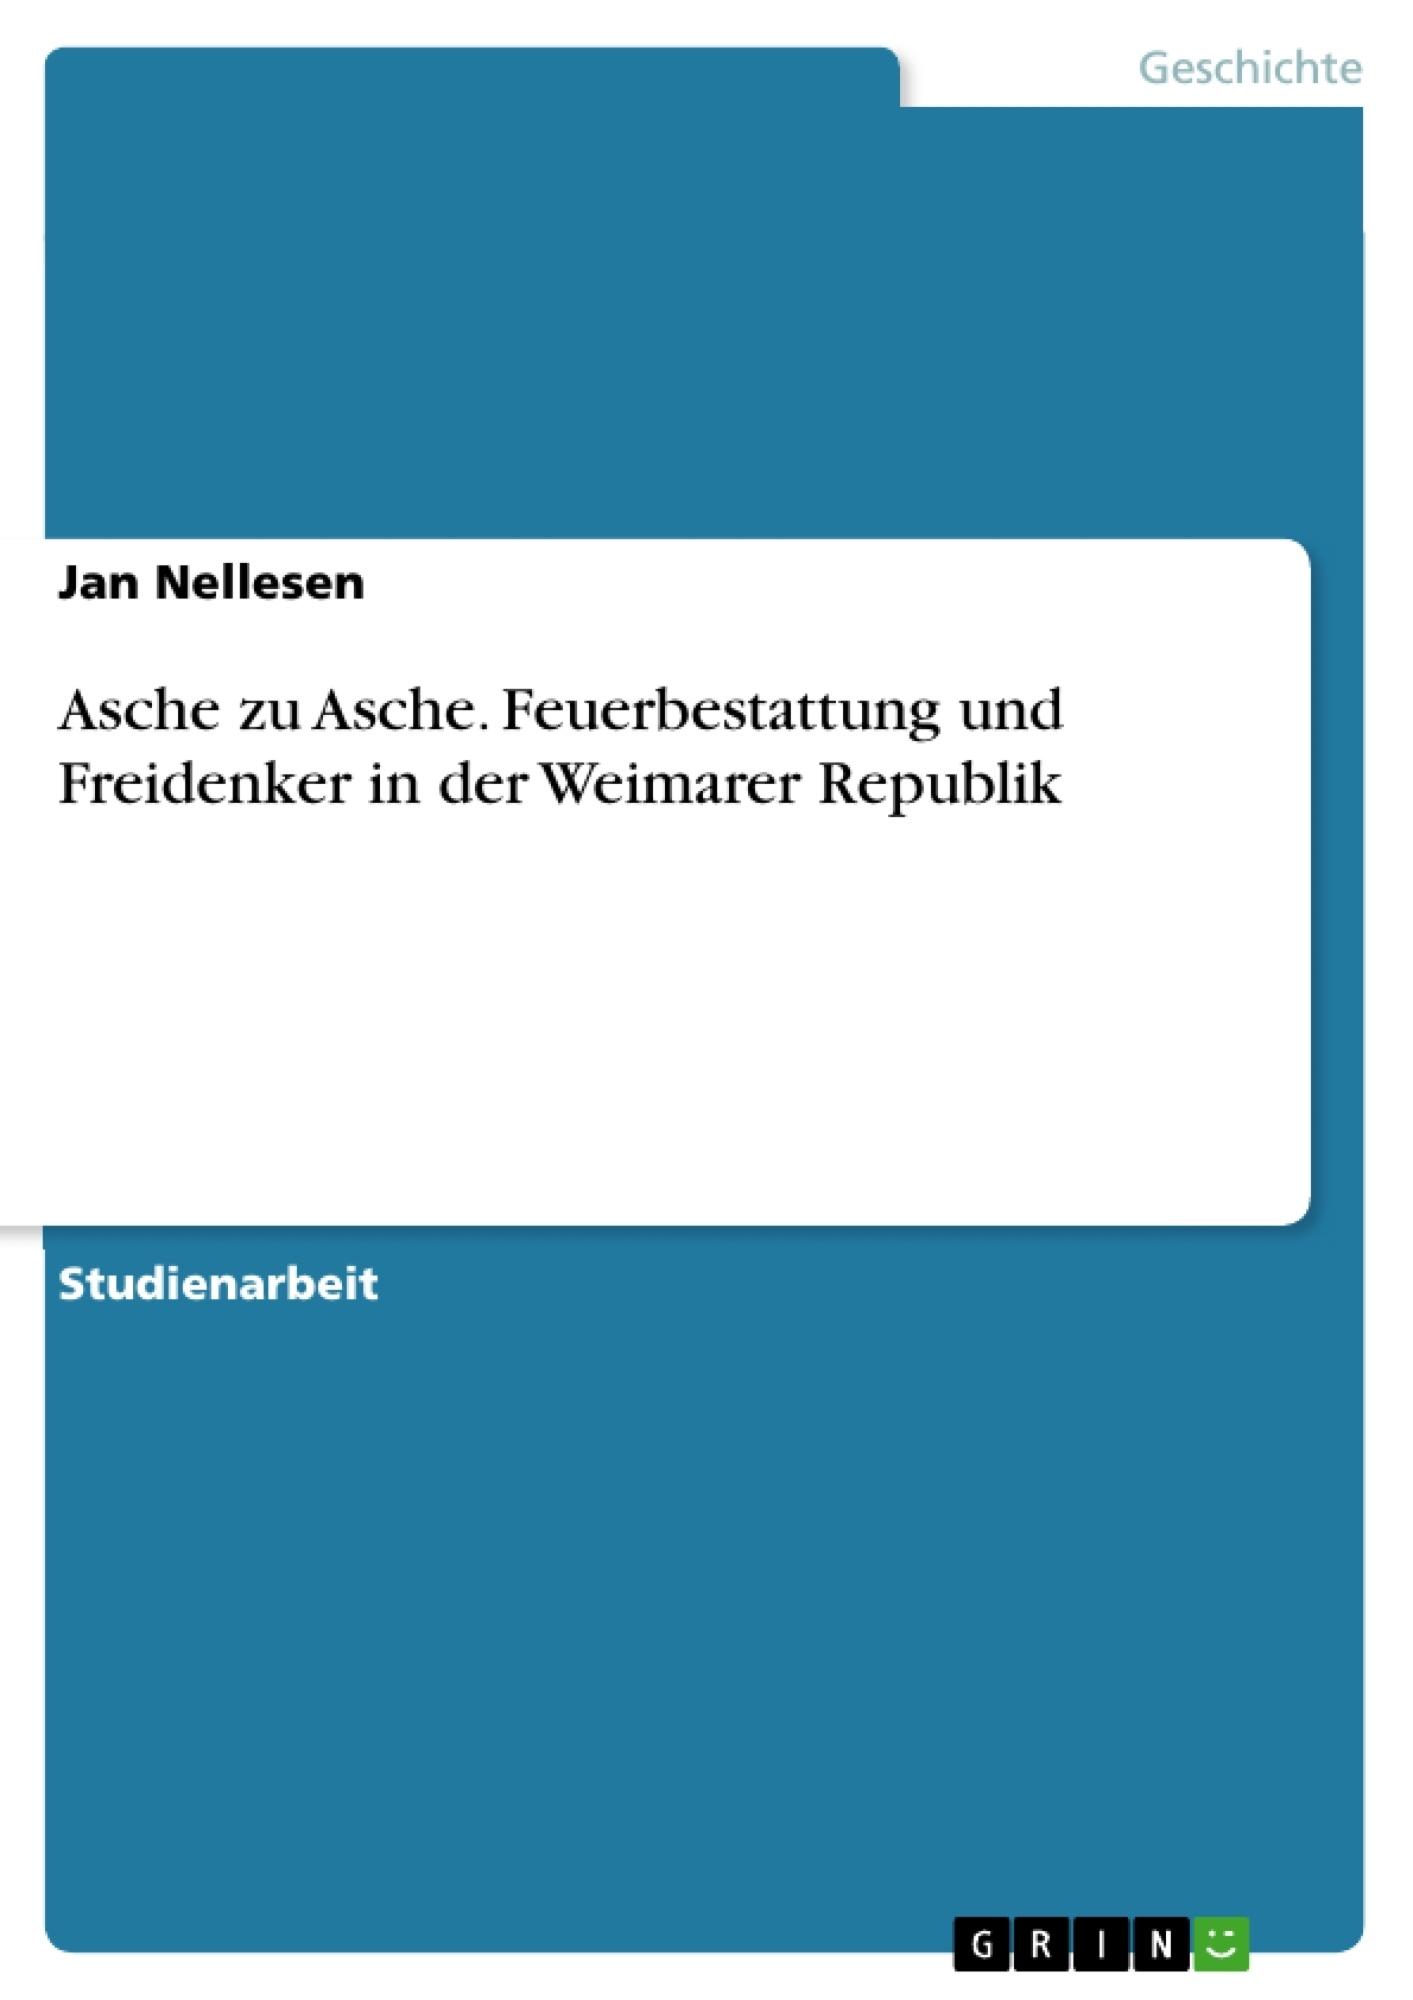 Titel: Asche zu Asche. Feuerbestattung und Freidenker in der Weimarer Republik